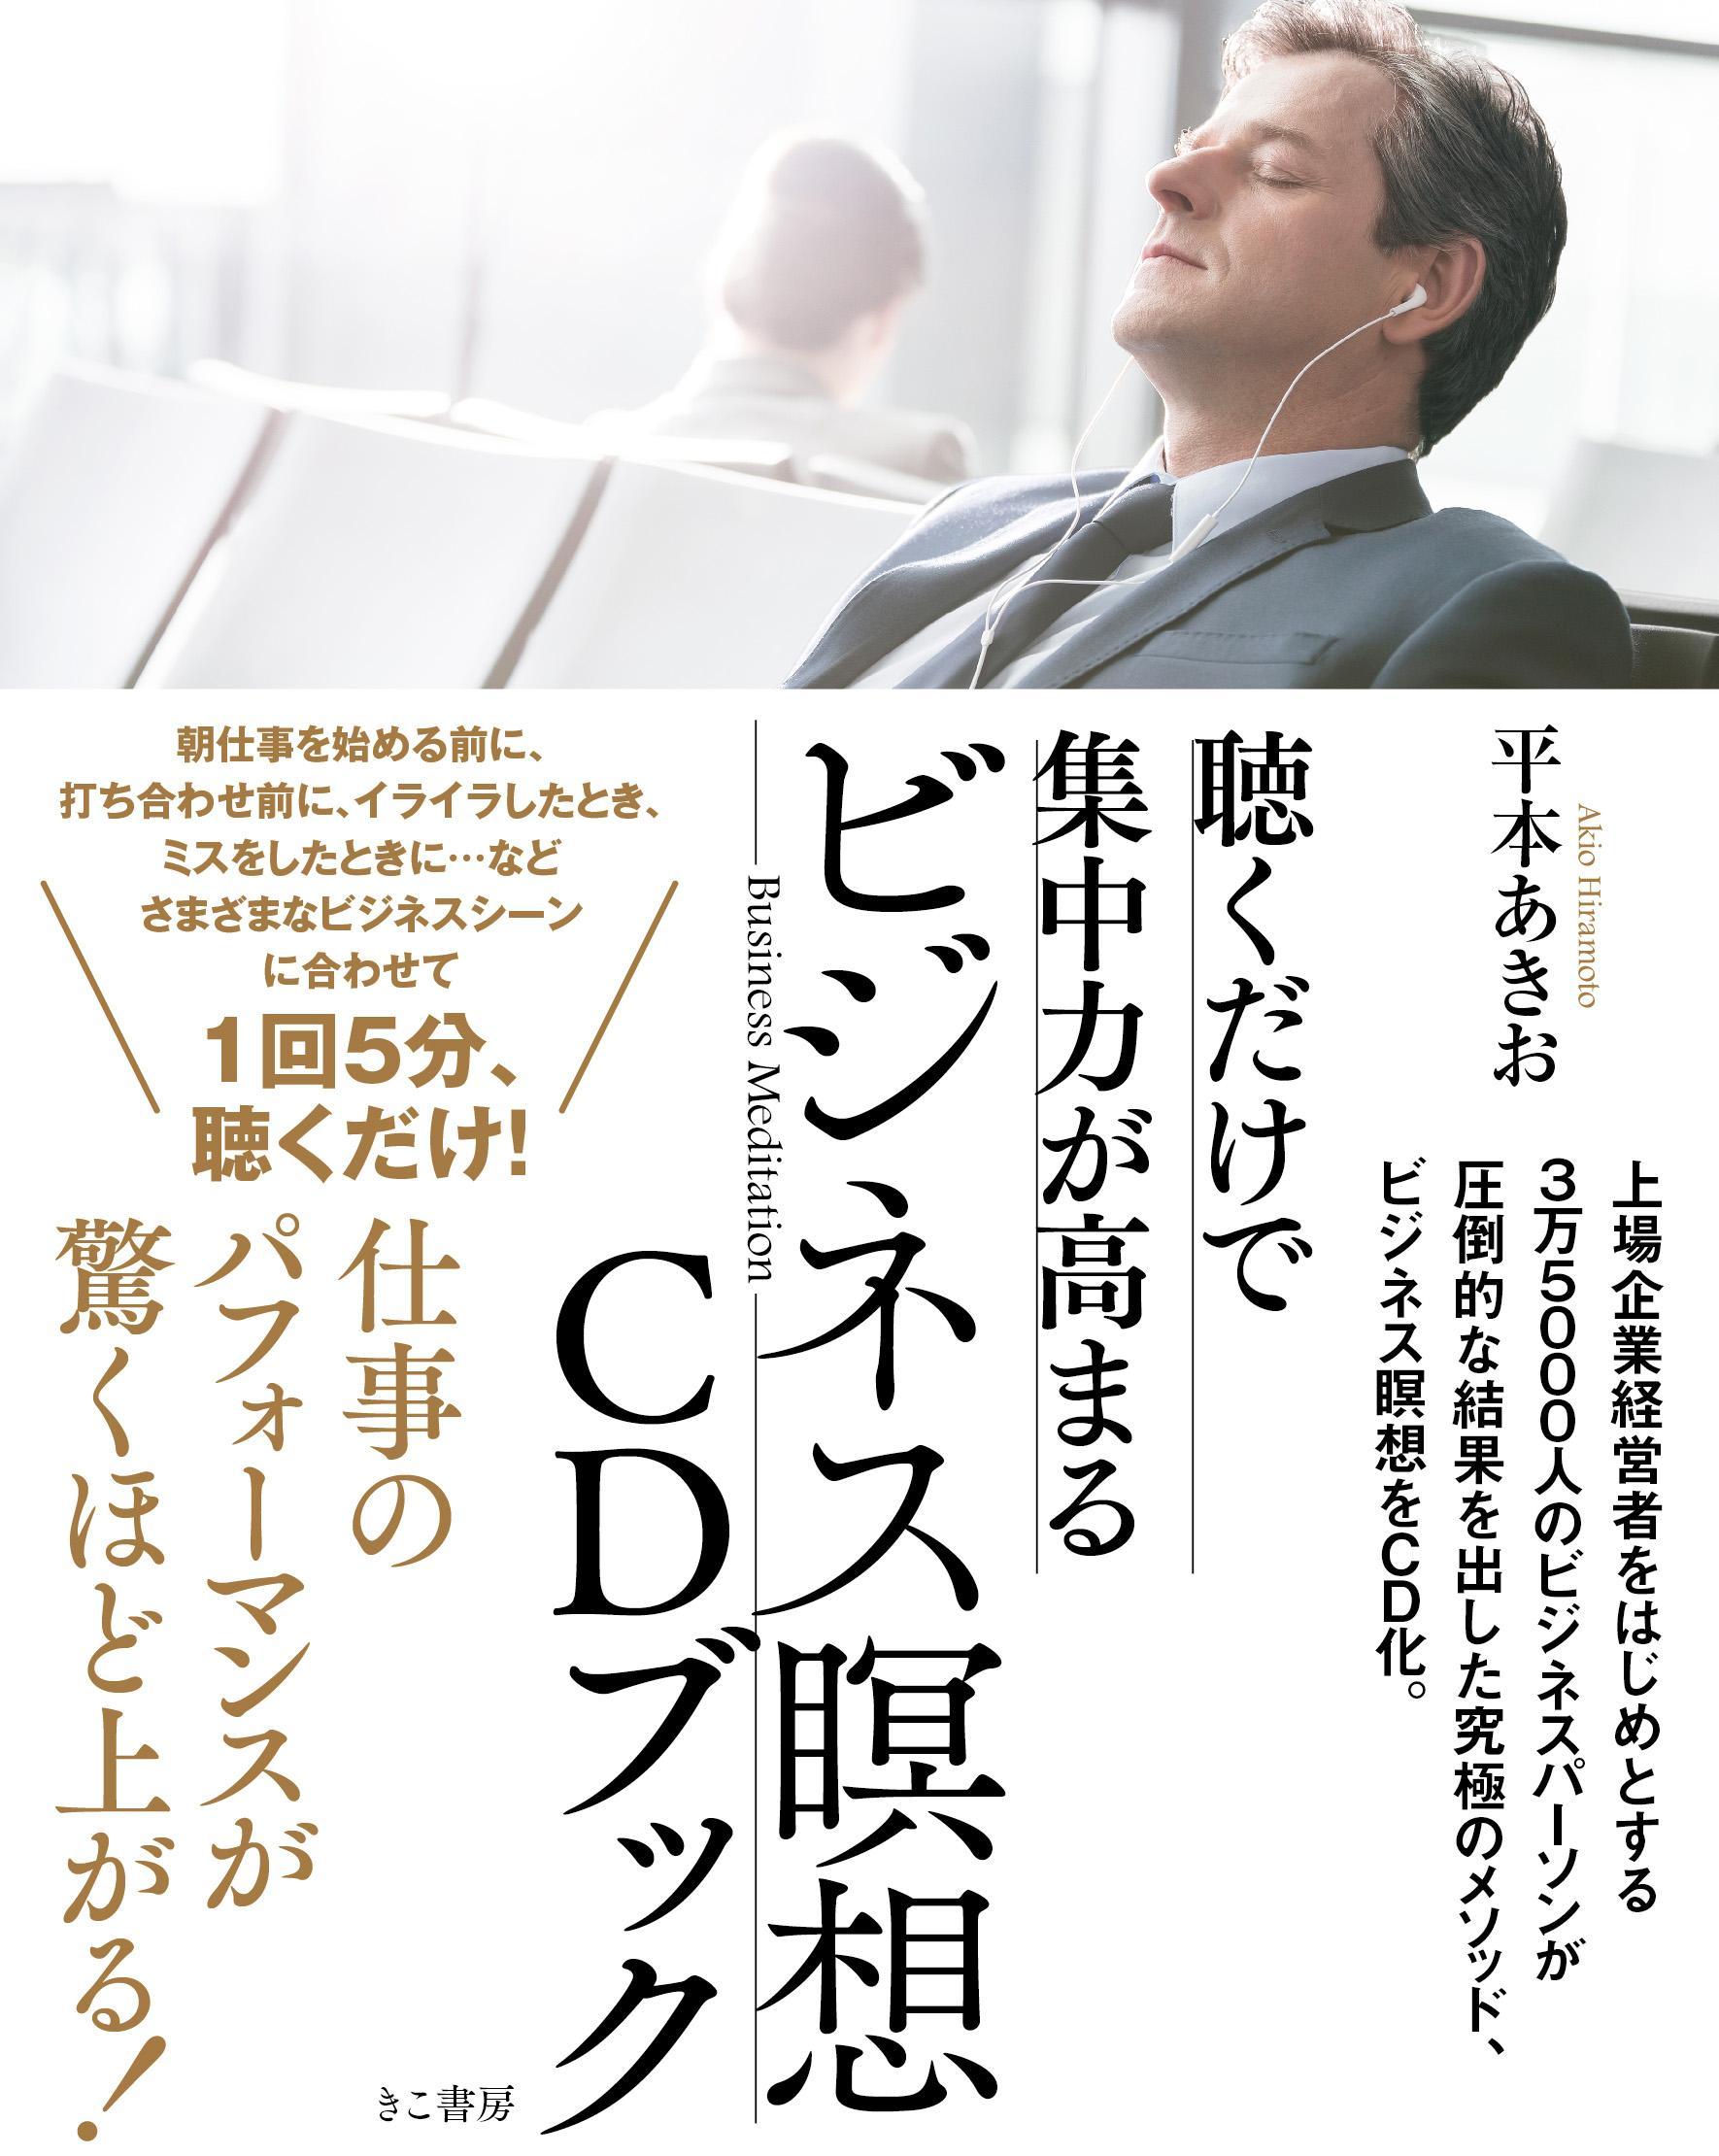 表紙:聴くだけで集中力が高まるビジネス瞑想CDブック